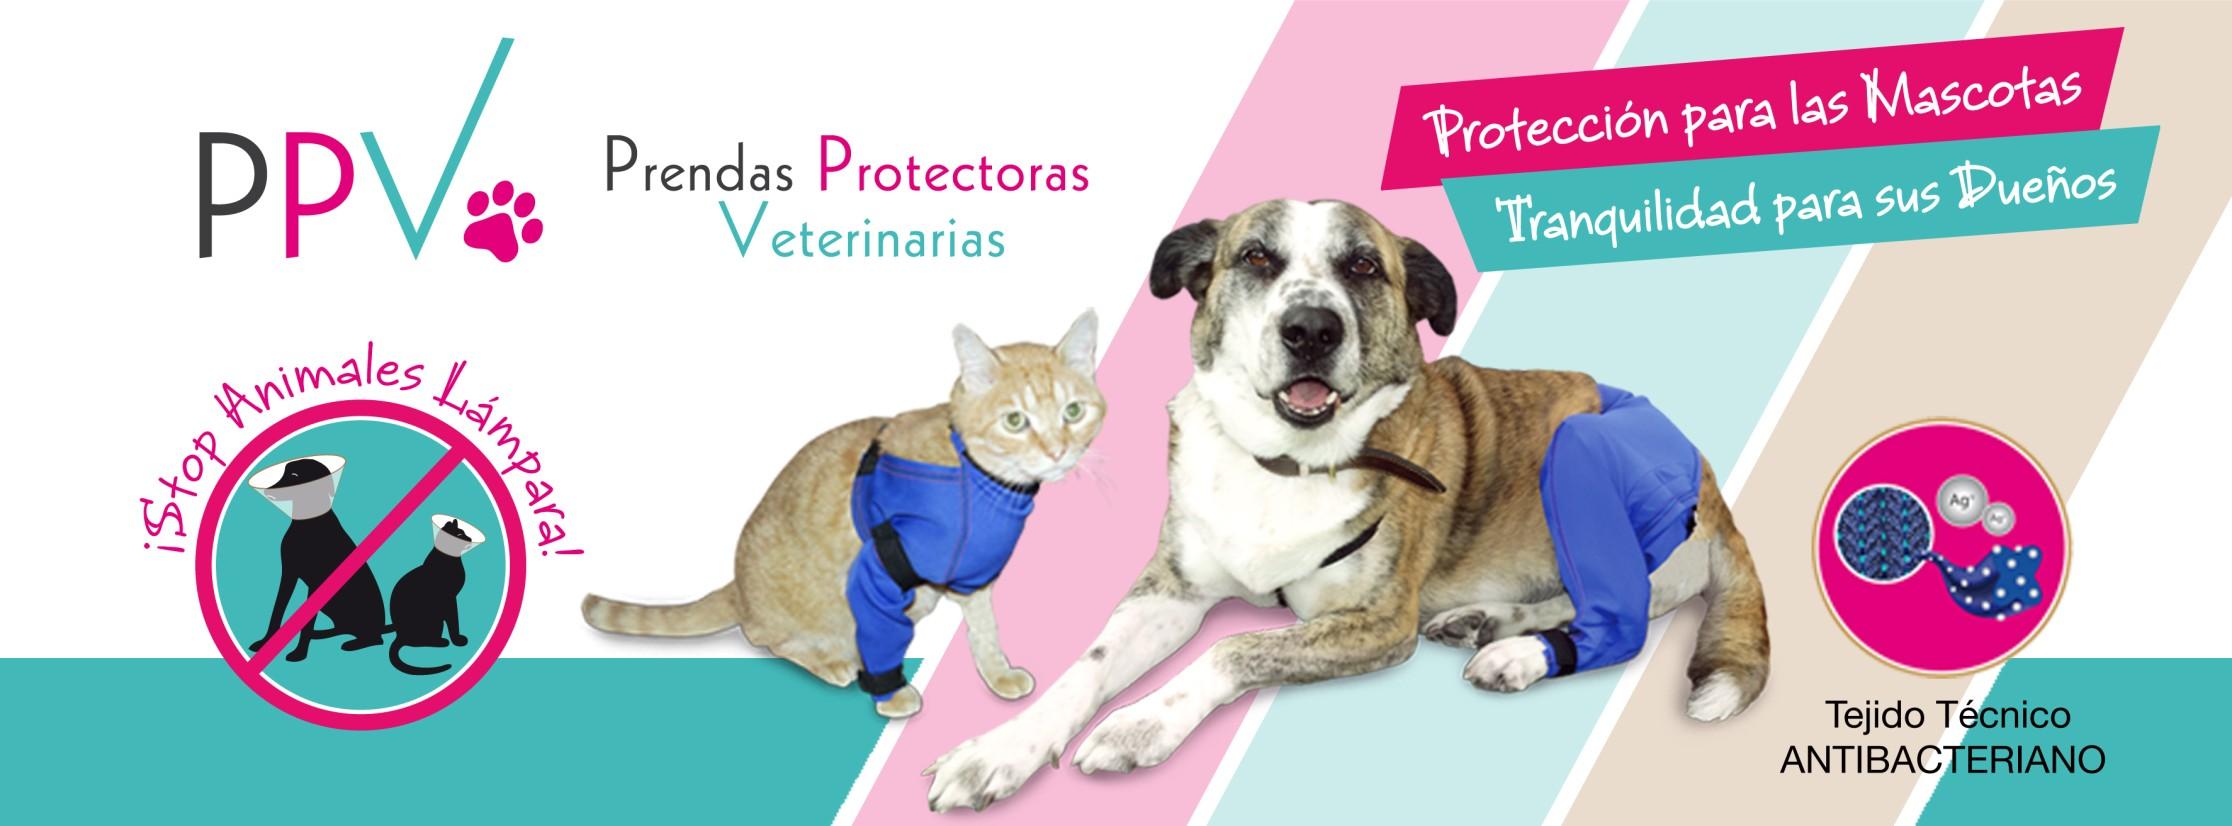 Alternativa collar isabelino para la protección de mascotas posoperatorios postoperatorios posquitúrgico